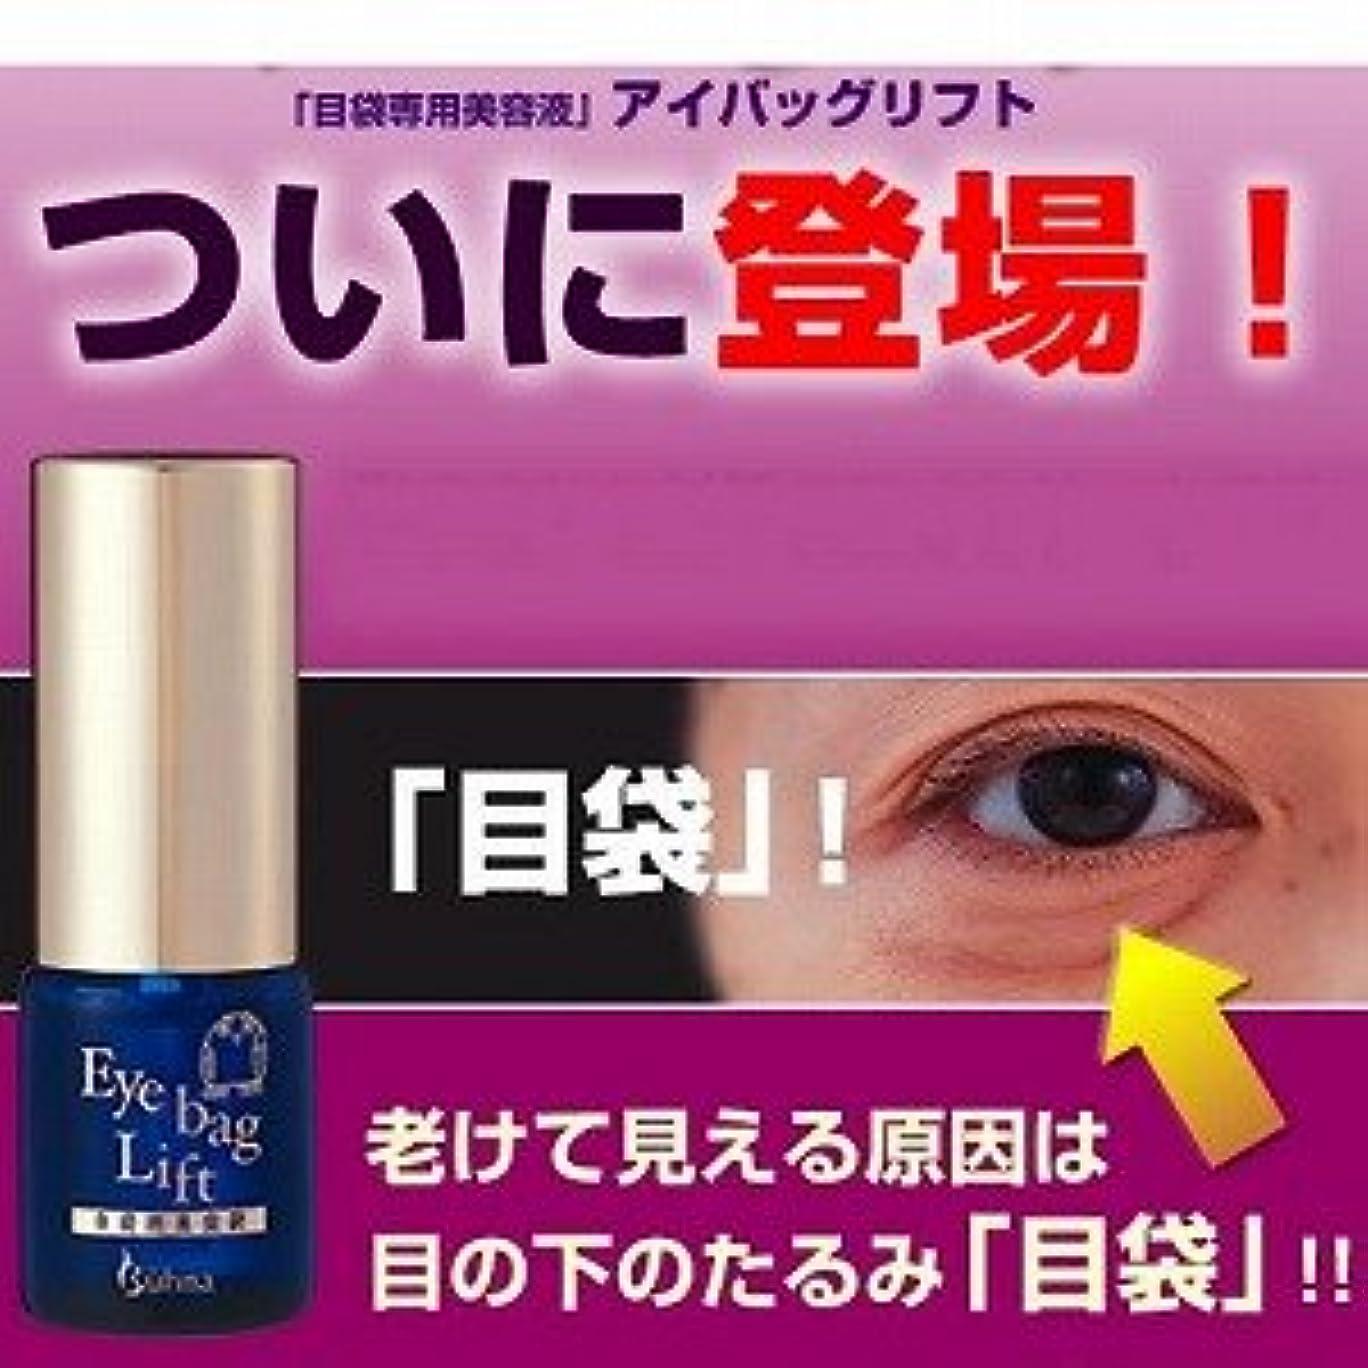 ミシン楽しむメンタル老けて見える原因は、目元、目の下のたるみ「目袋」『目袋専用美容液 アイバッグリフト』